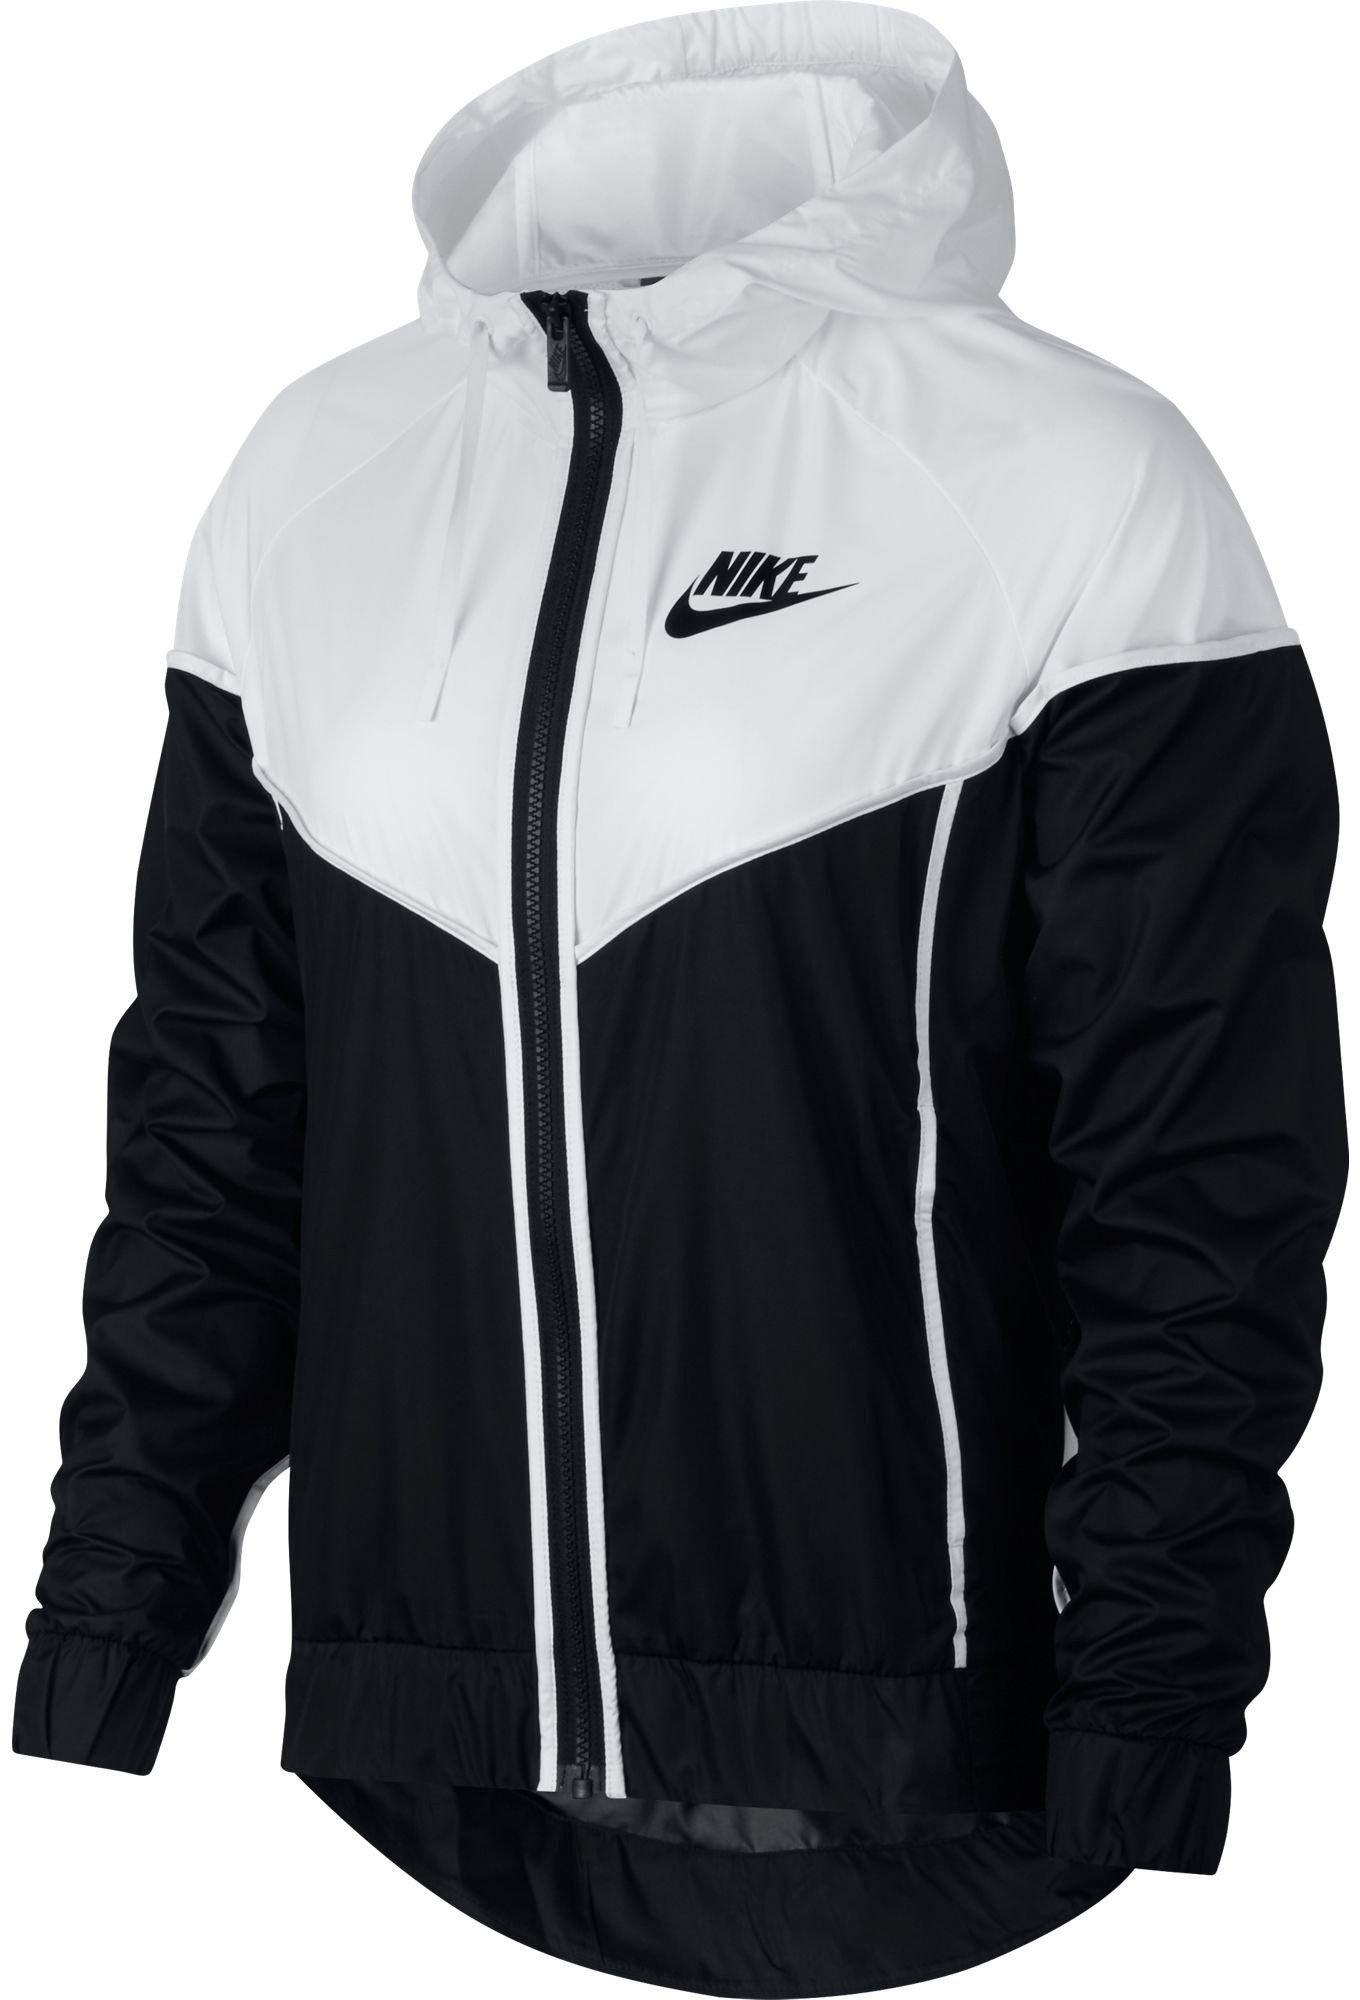 41d41da7d1a4 Galleon - Nike Women s Sportswear Windrunner Jacket